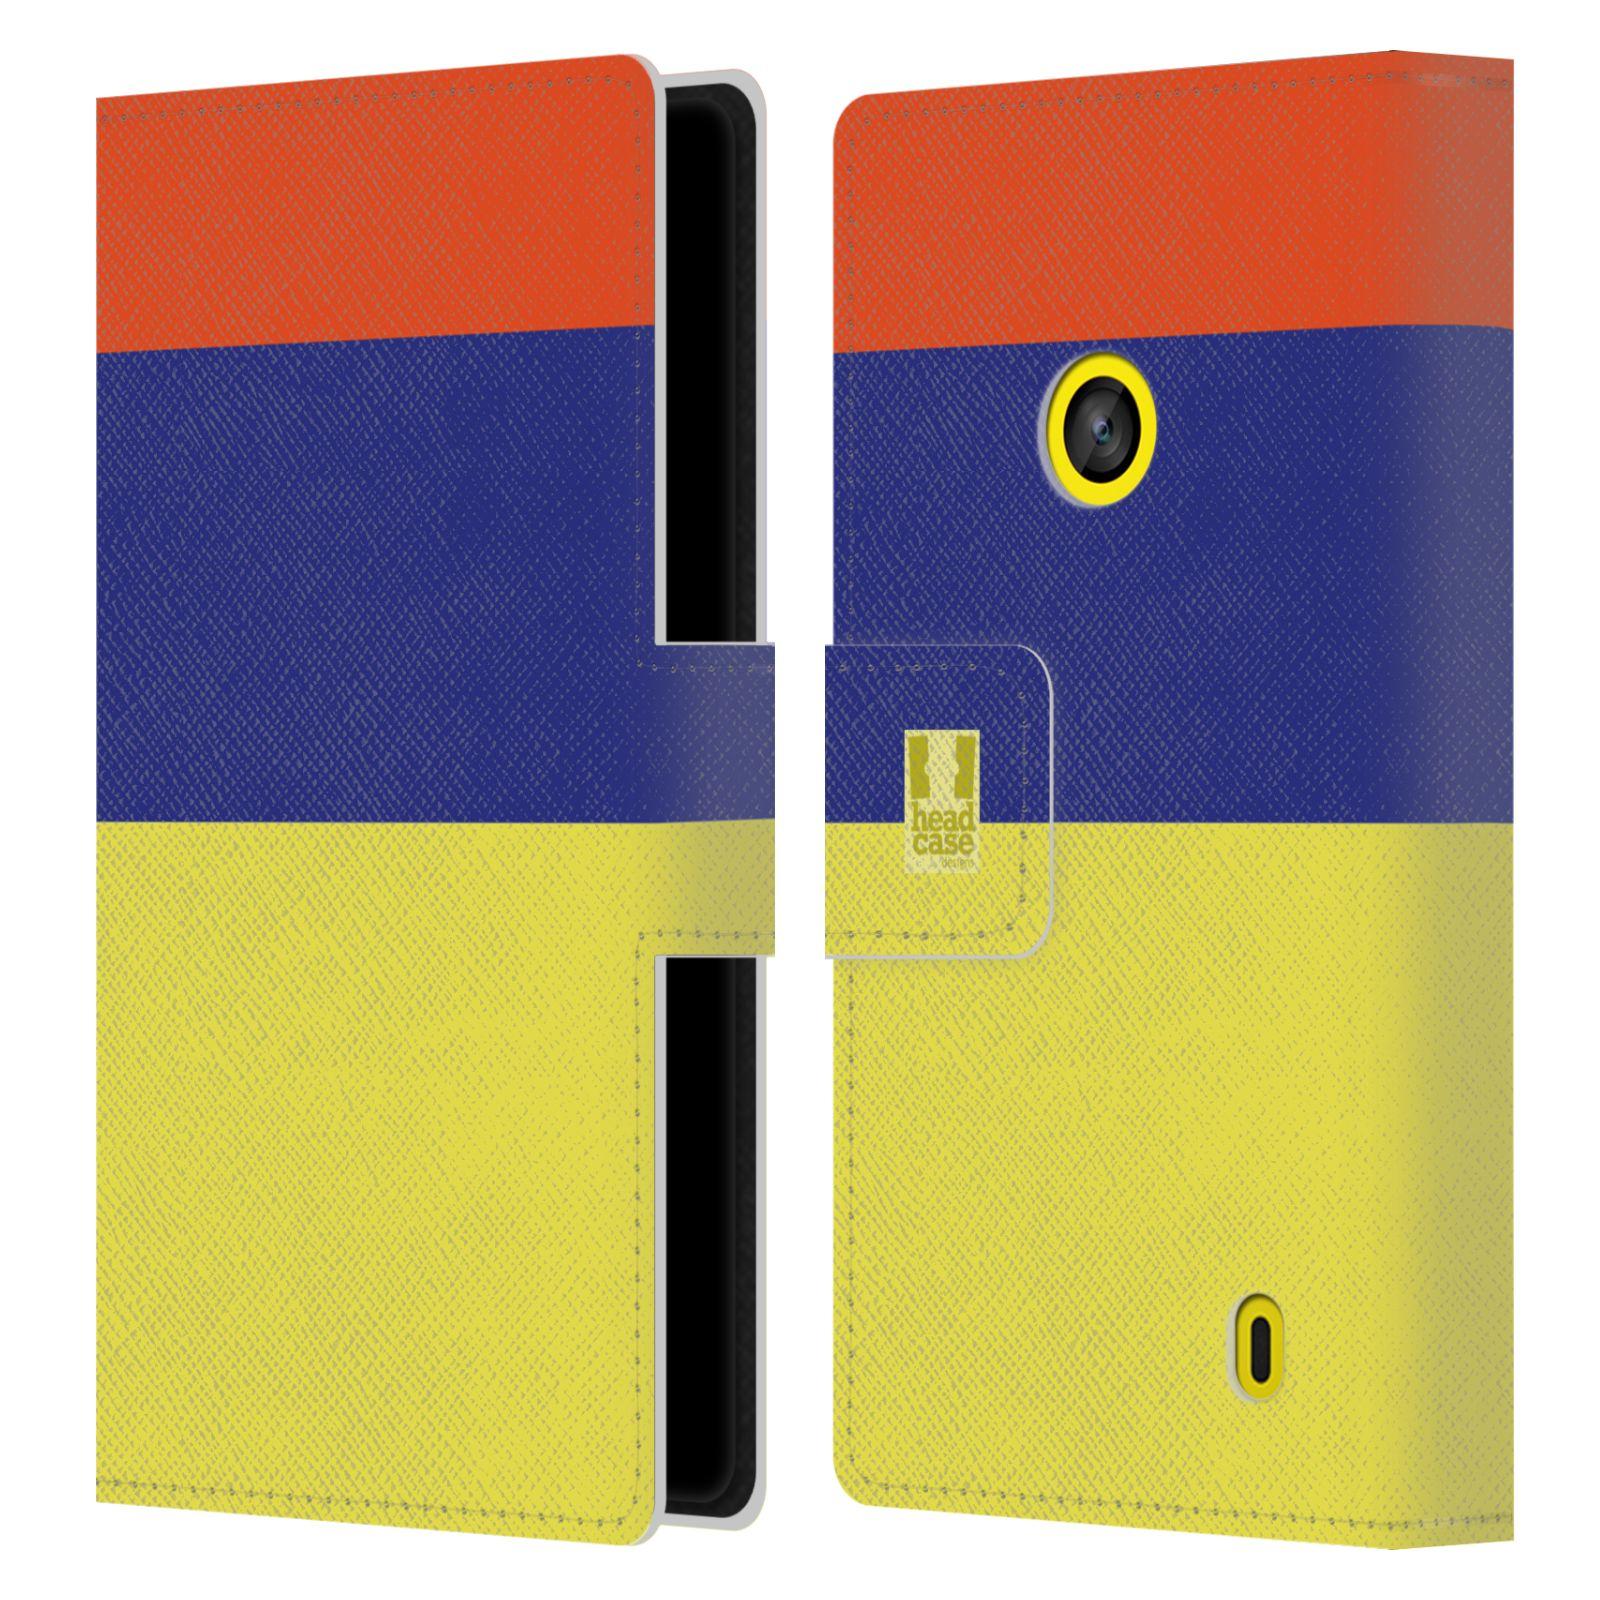 HEAD CASE Flipové pouzdro pro mobil Nokia LUMIA 520/525 barevné tvary žlutá, modrá, červená